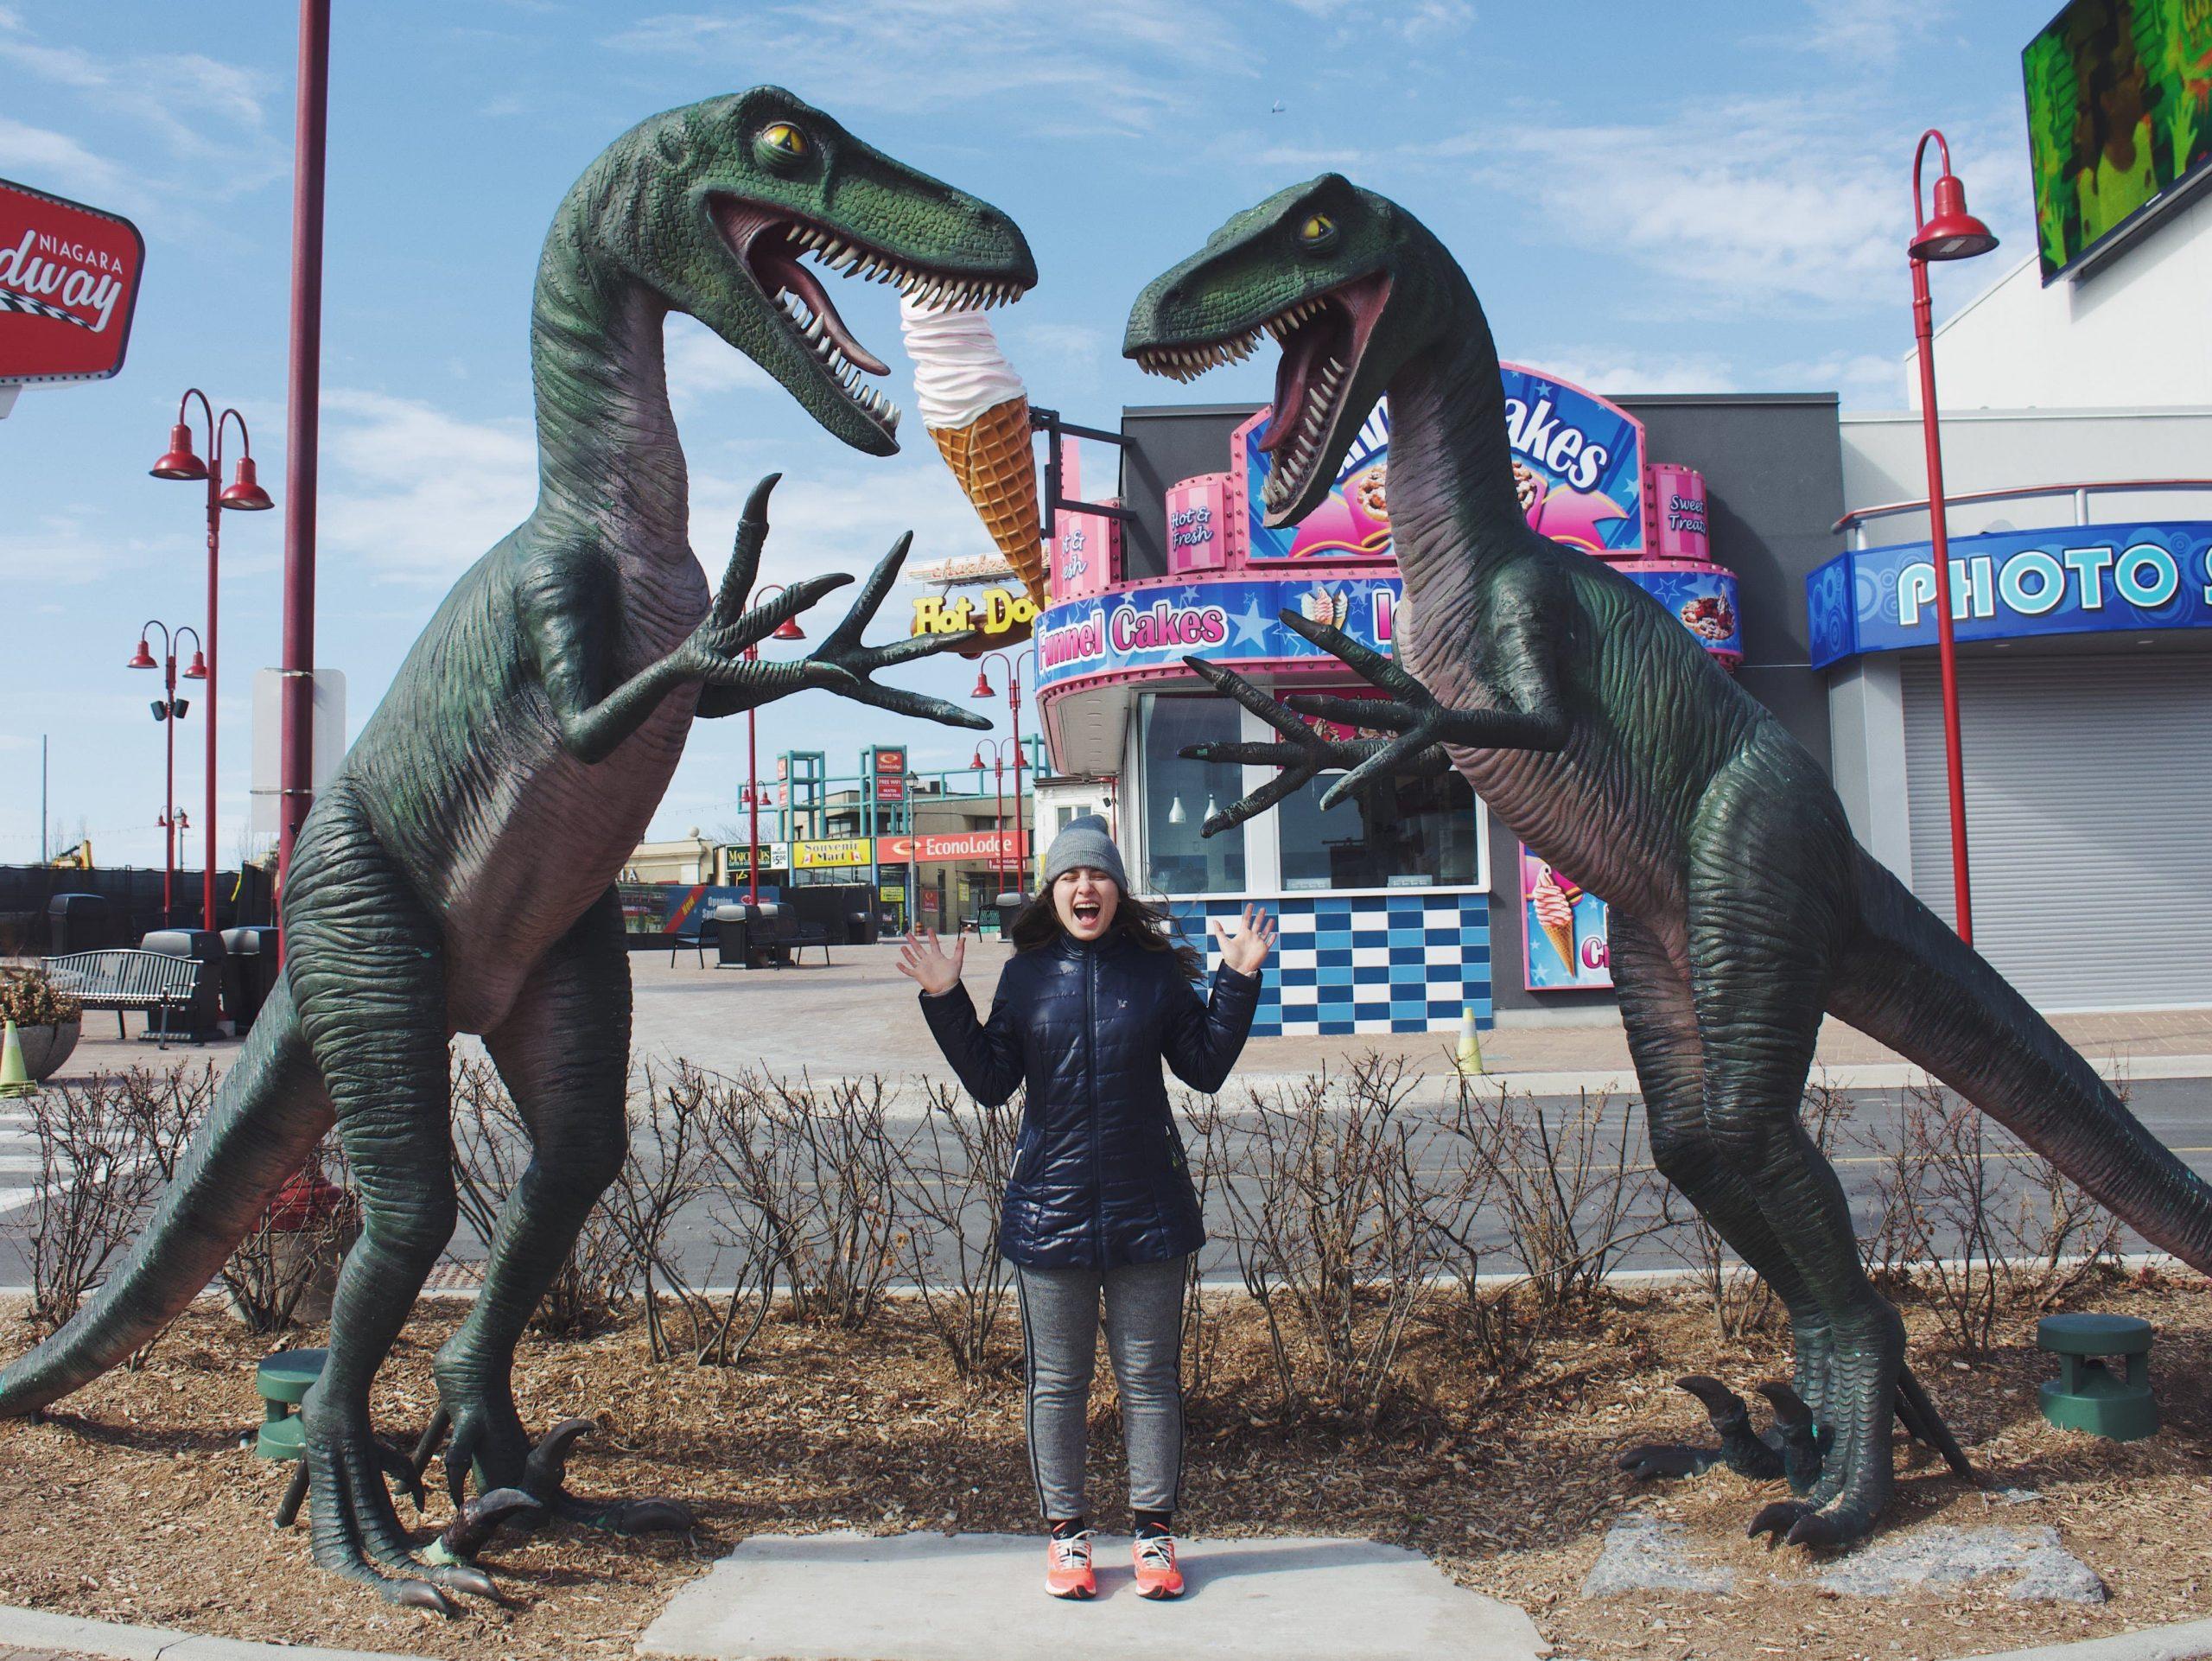 dinossauro em clifton hills canada